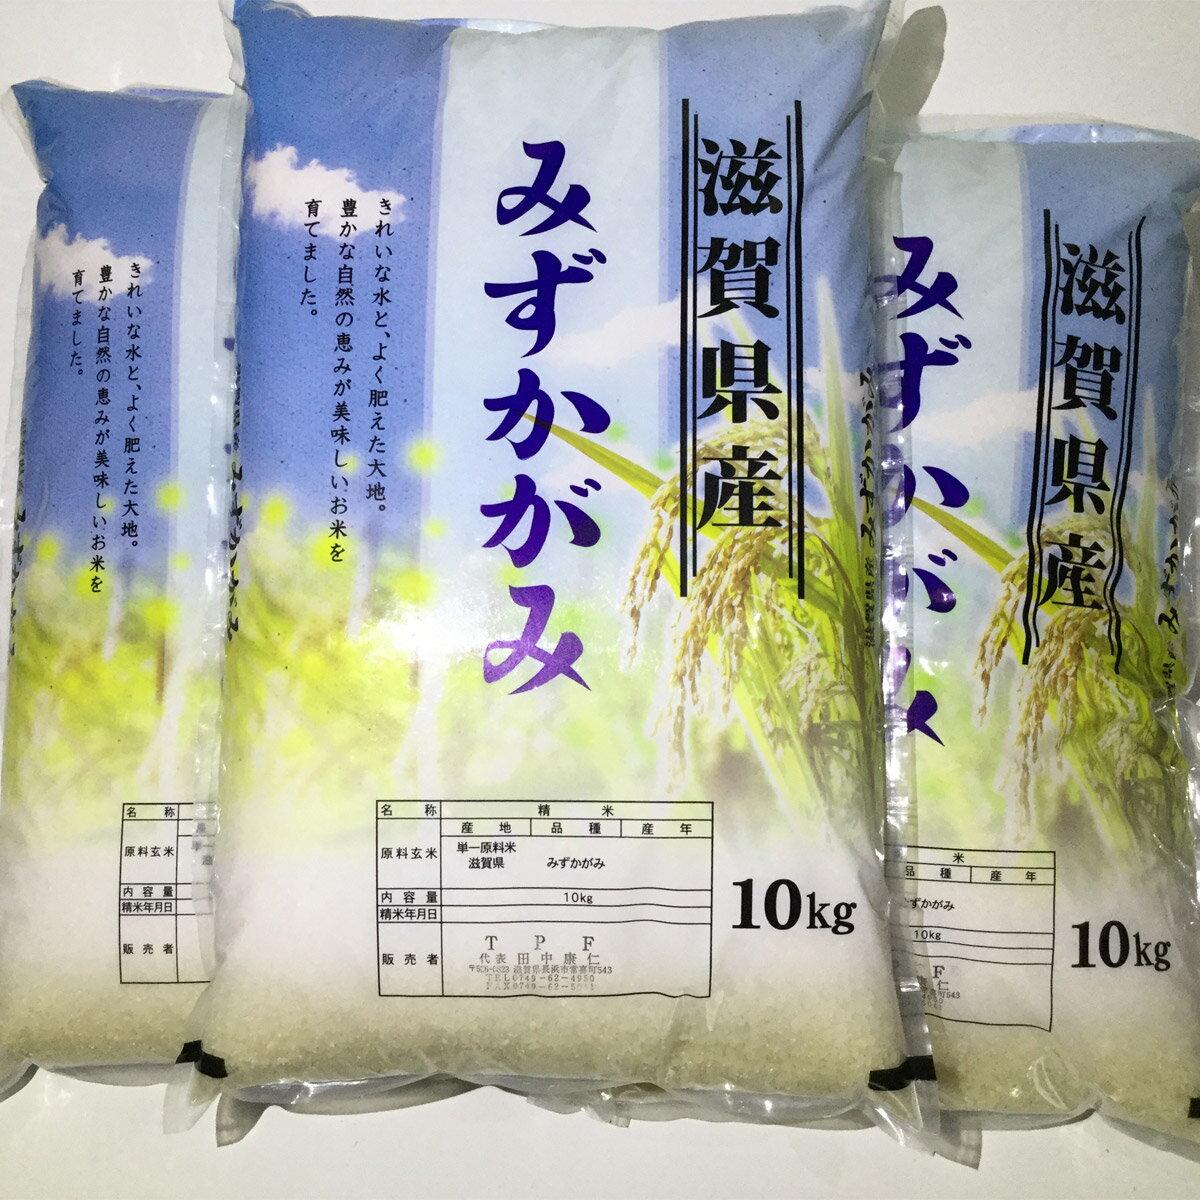 【ふるさと納税】☆穀物検定協会 食味ランキング 最高『特A』受賞米☆滋賀県産 環境こだわり米みずかがみ10kg×3(合計30kg)※着日指定はできません。